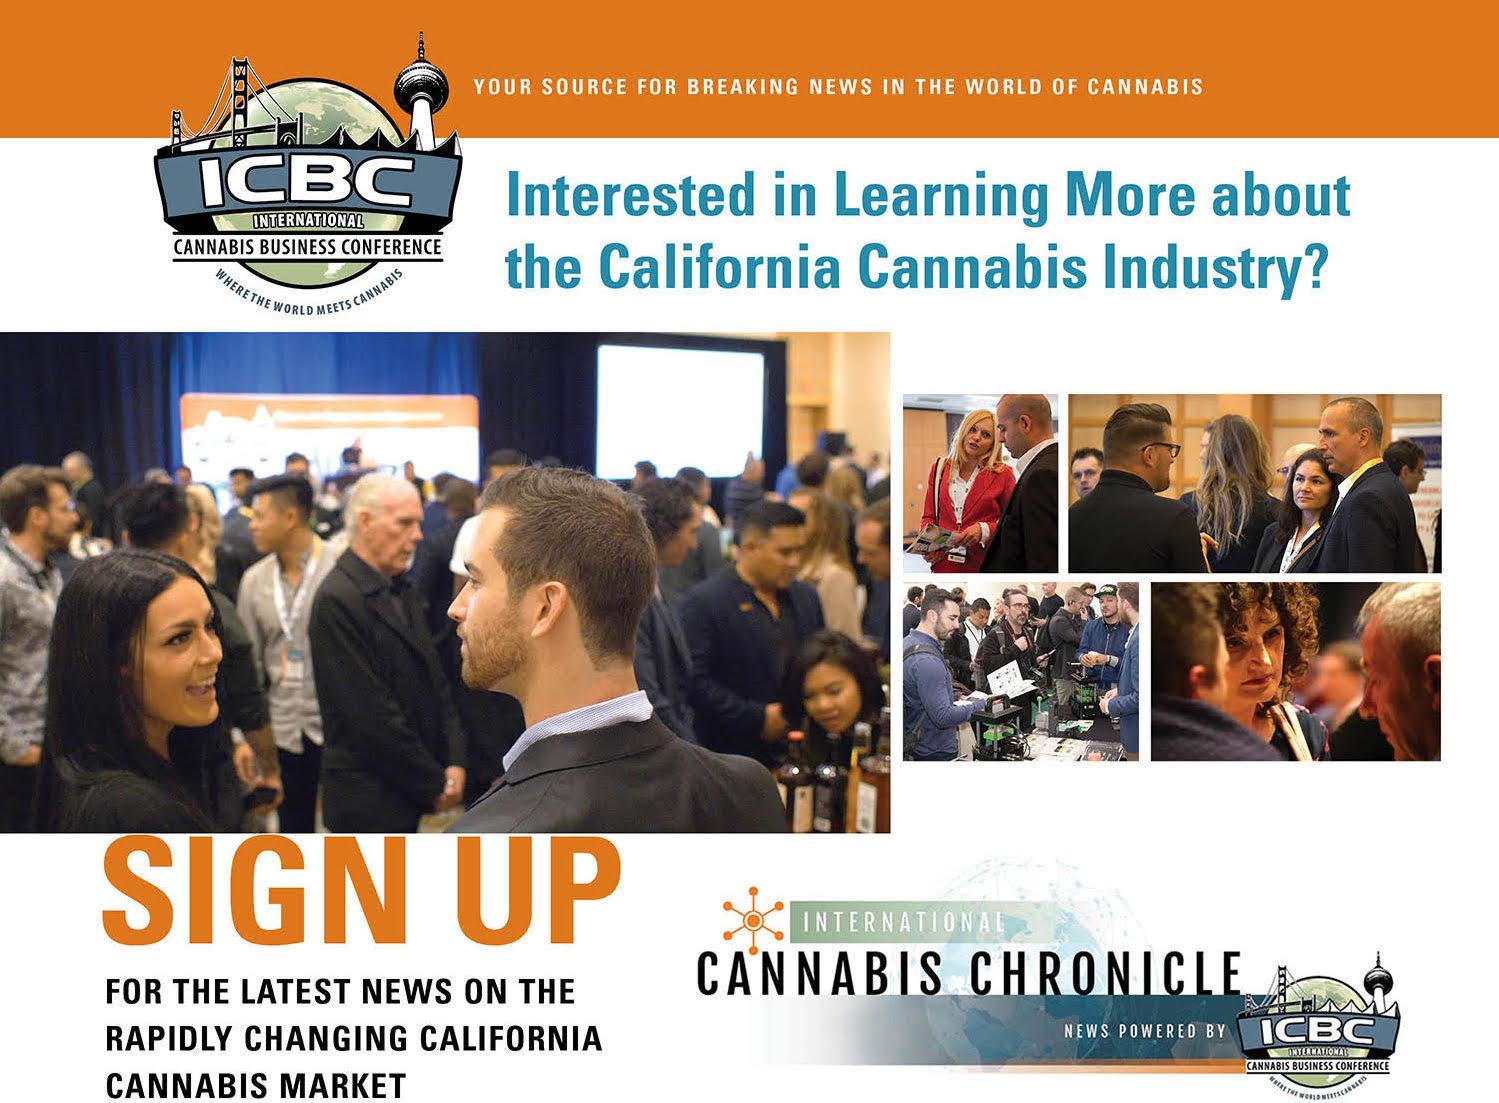 ICBC Cannabis Chronicle